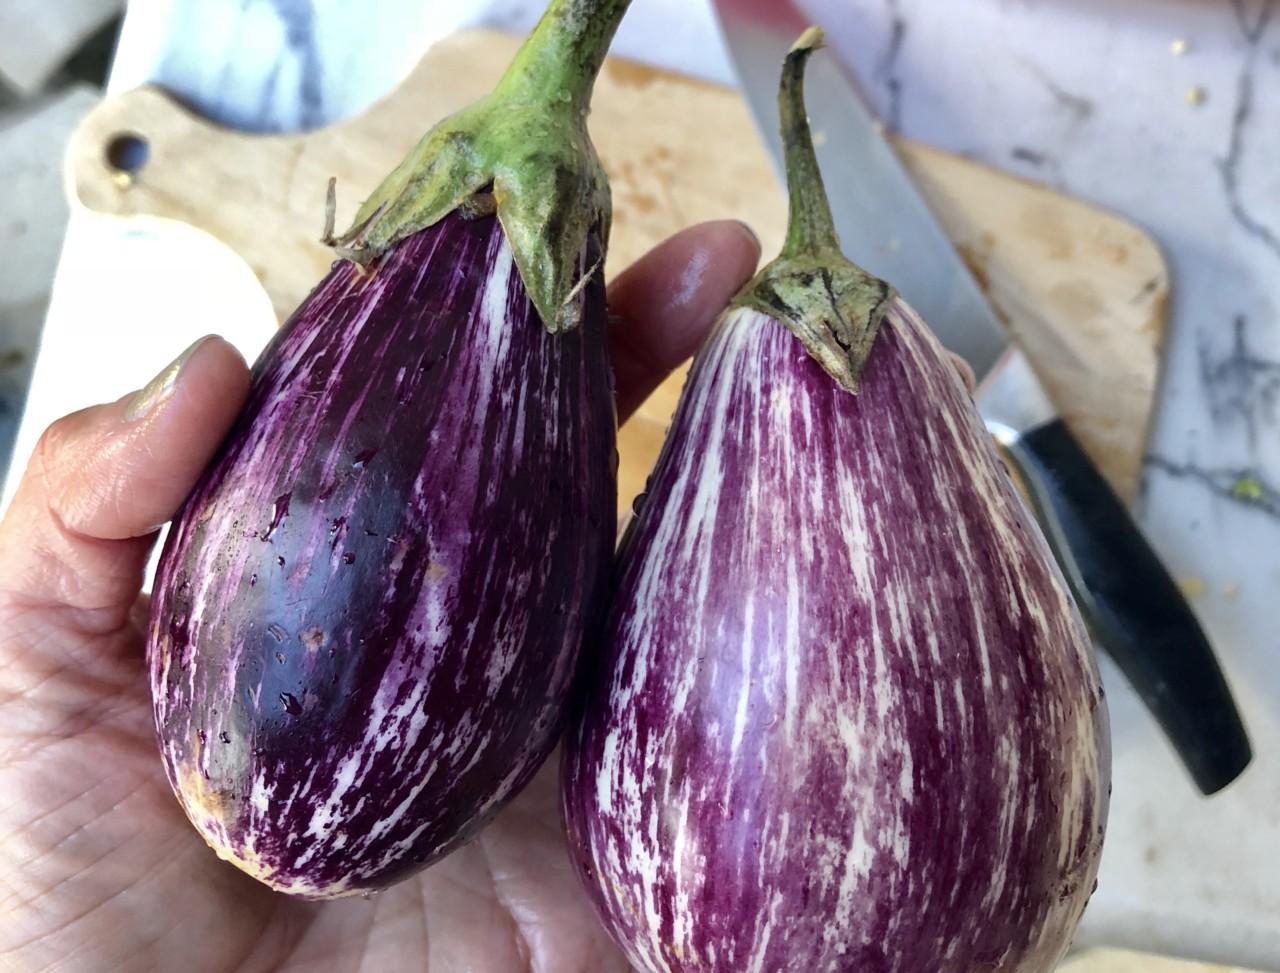 lilla-auberginer-marked-menton-frankrike-lokal-mat-ovnsbakte-gronnsaker